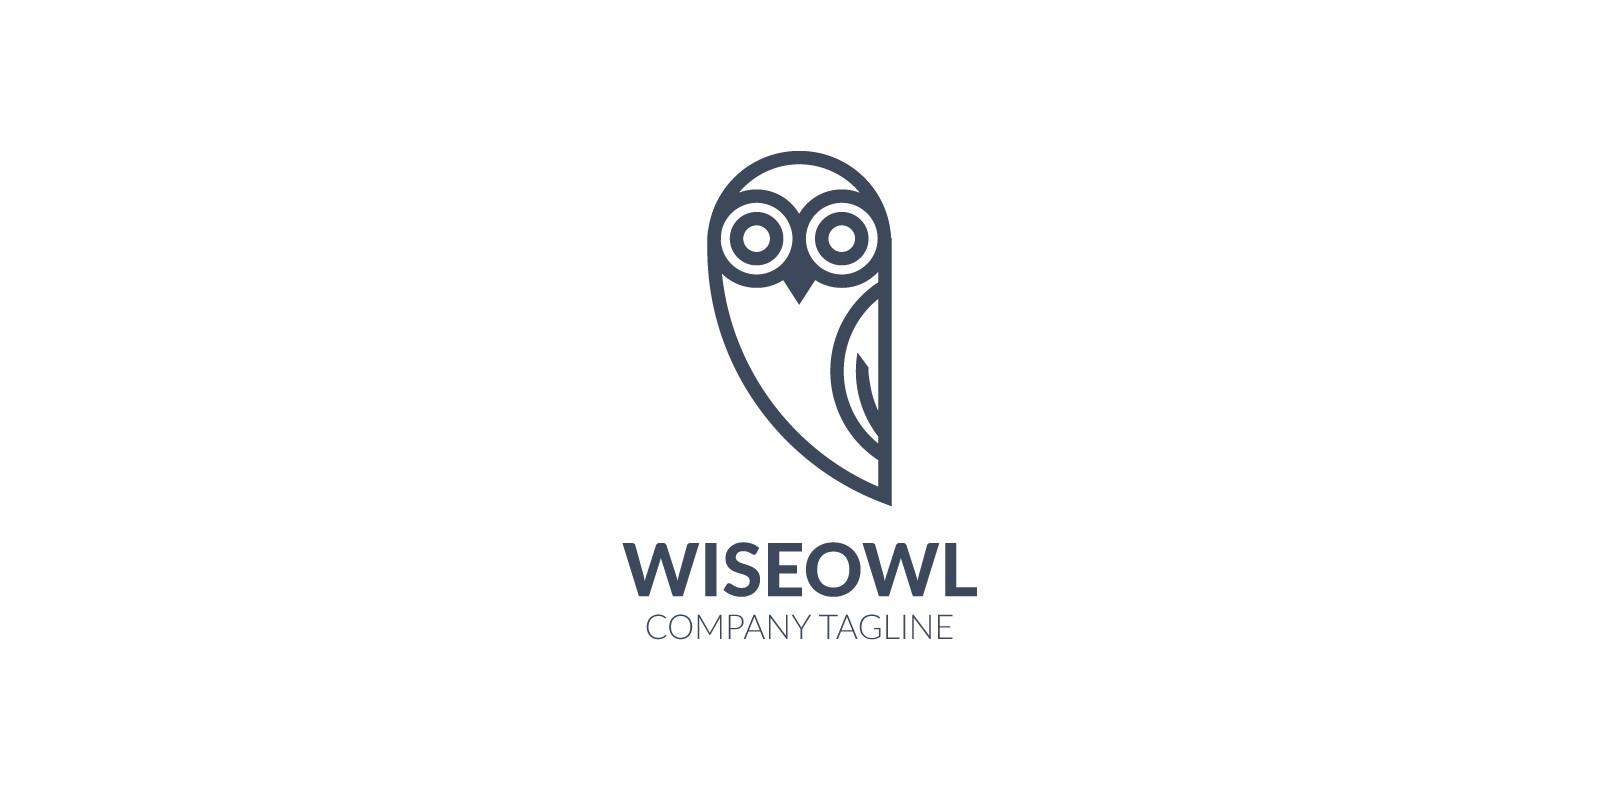 Black And White Owl Logo